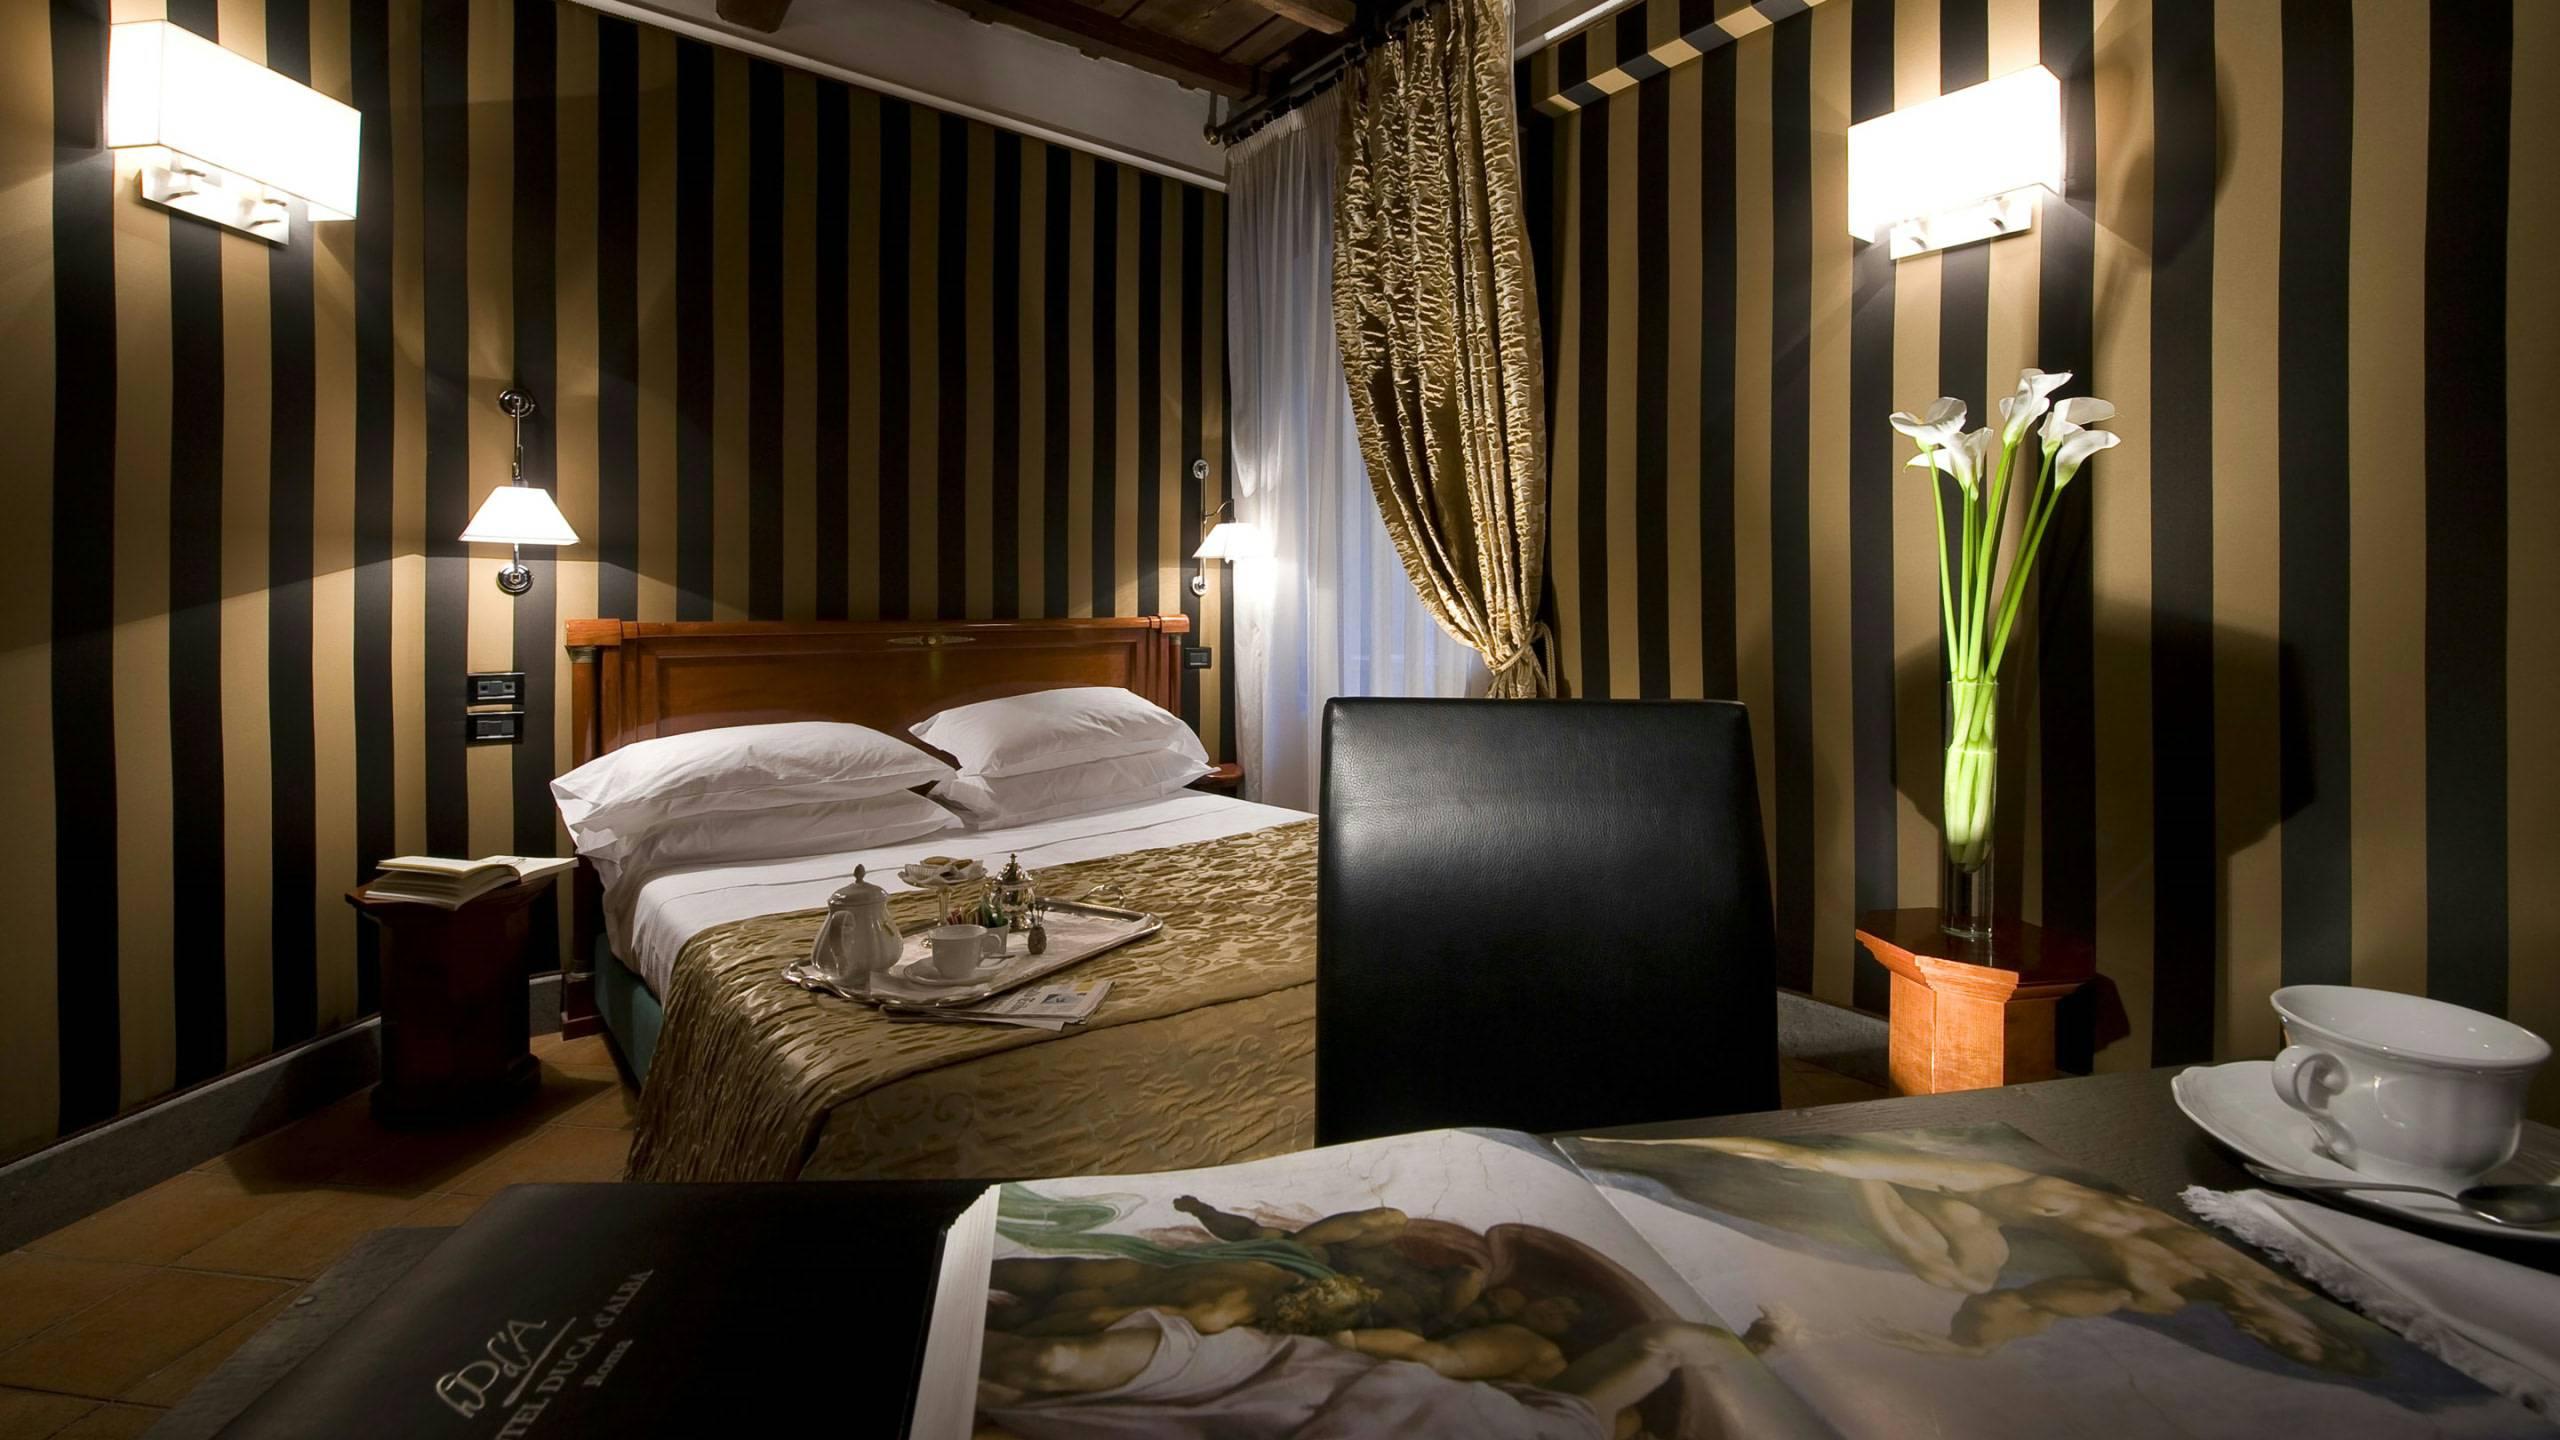 酒店-ducadalba-套房-房间-01